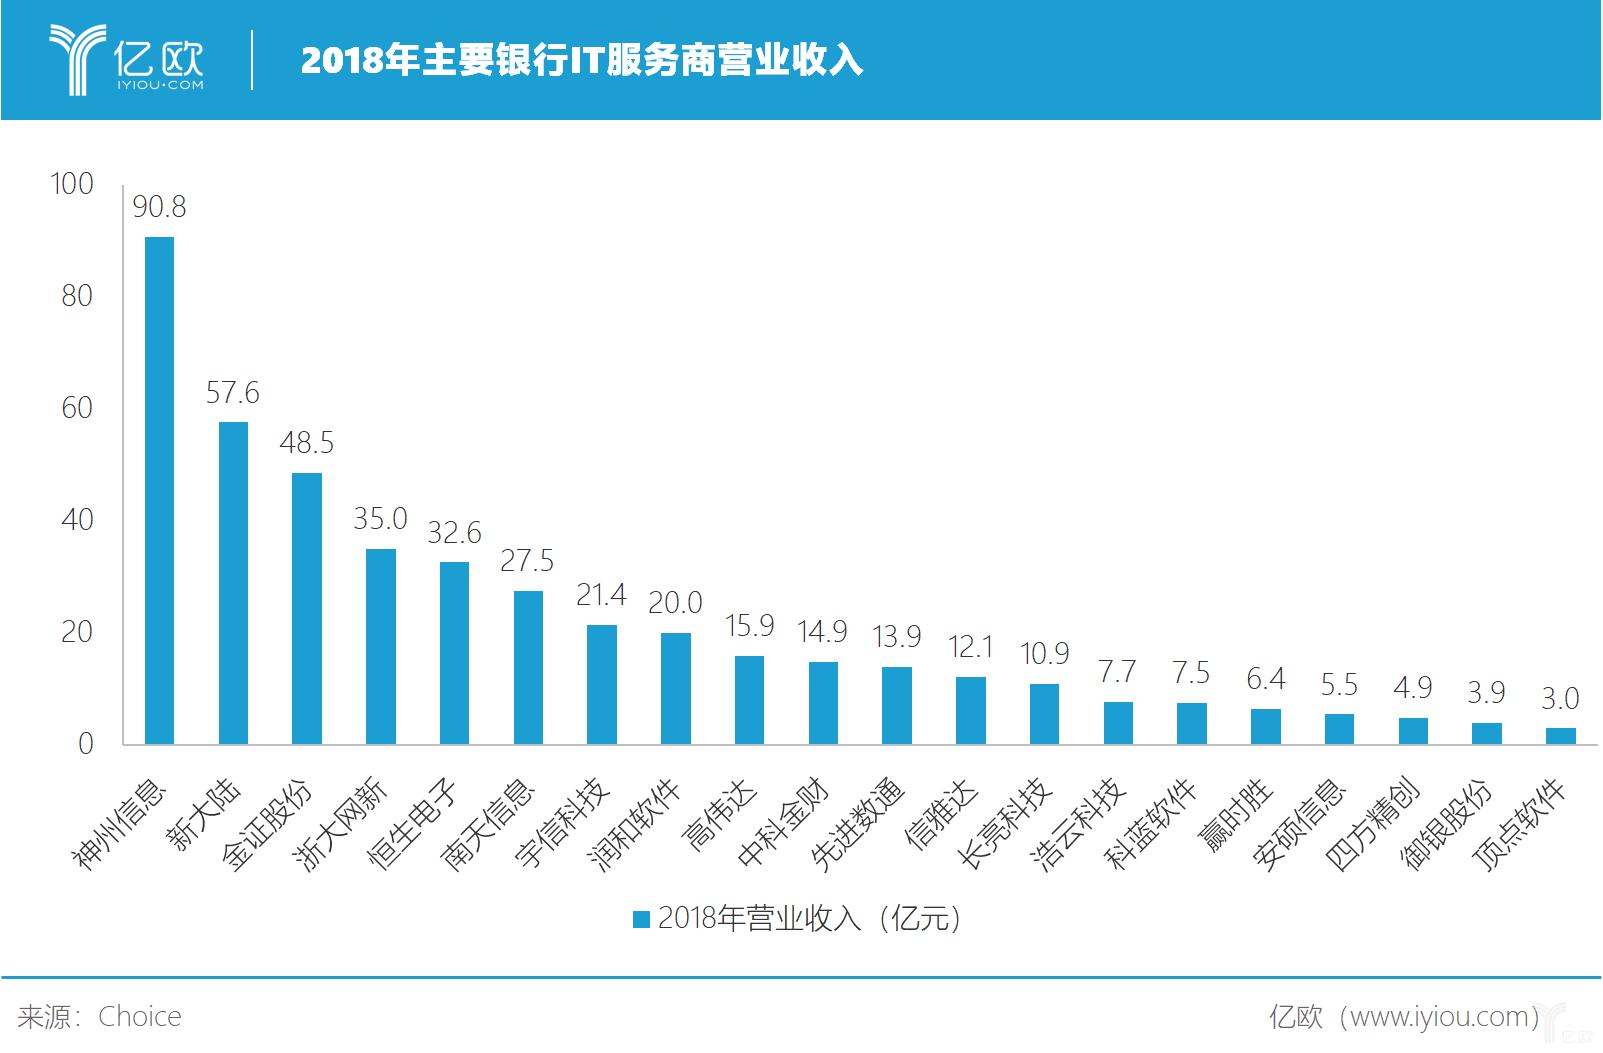 2018年主要银行IT服务商营业收入